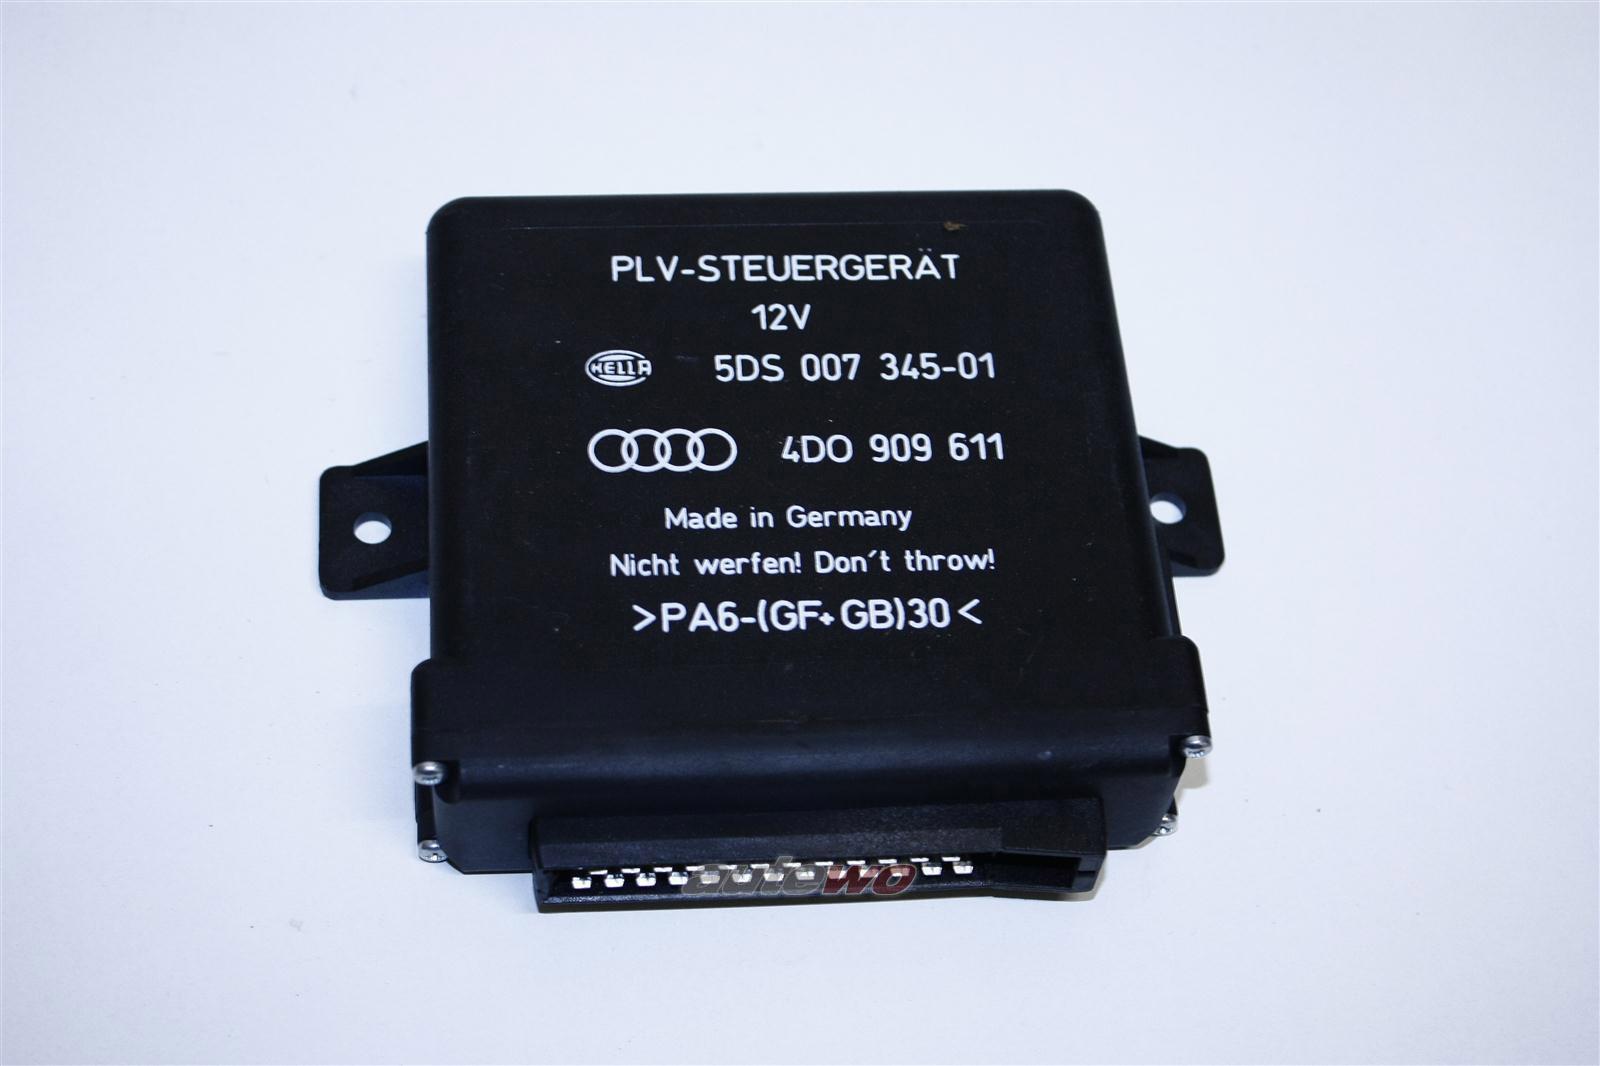 Audi A6 4B/A8 D2 Steuergerät elektrisch verstellbares Lenkrad 4D0909611